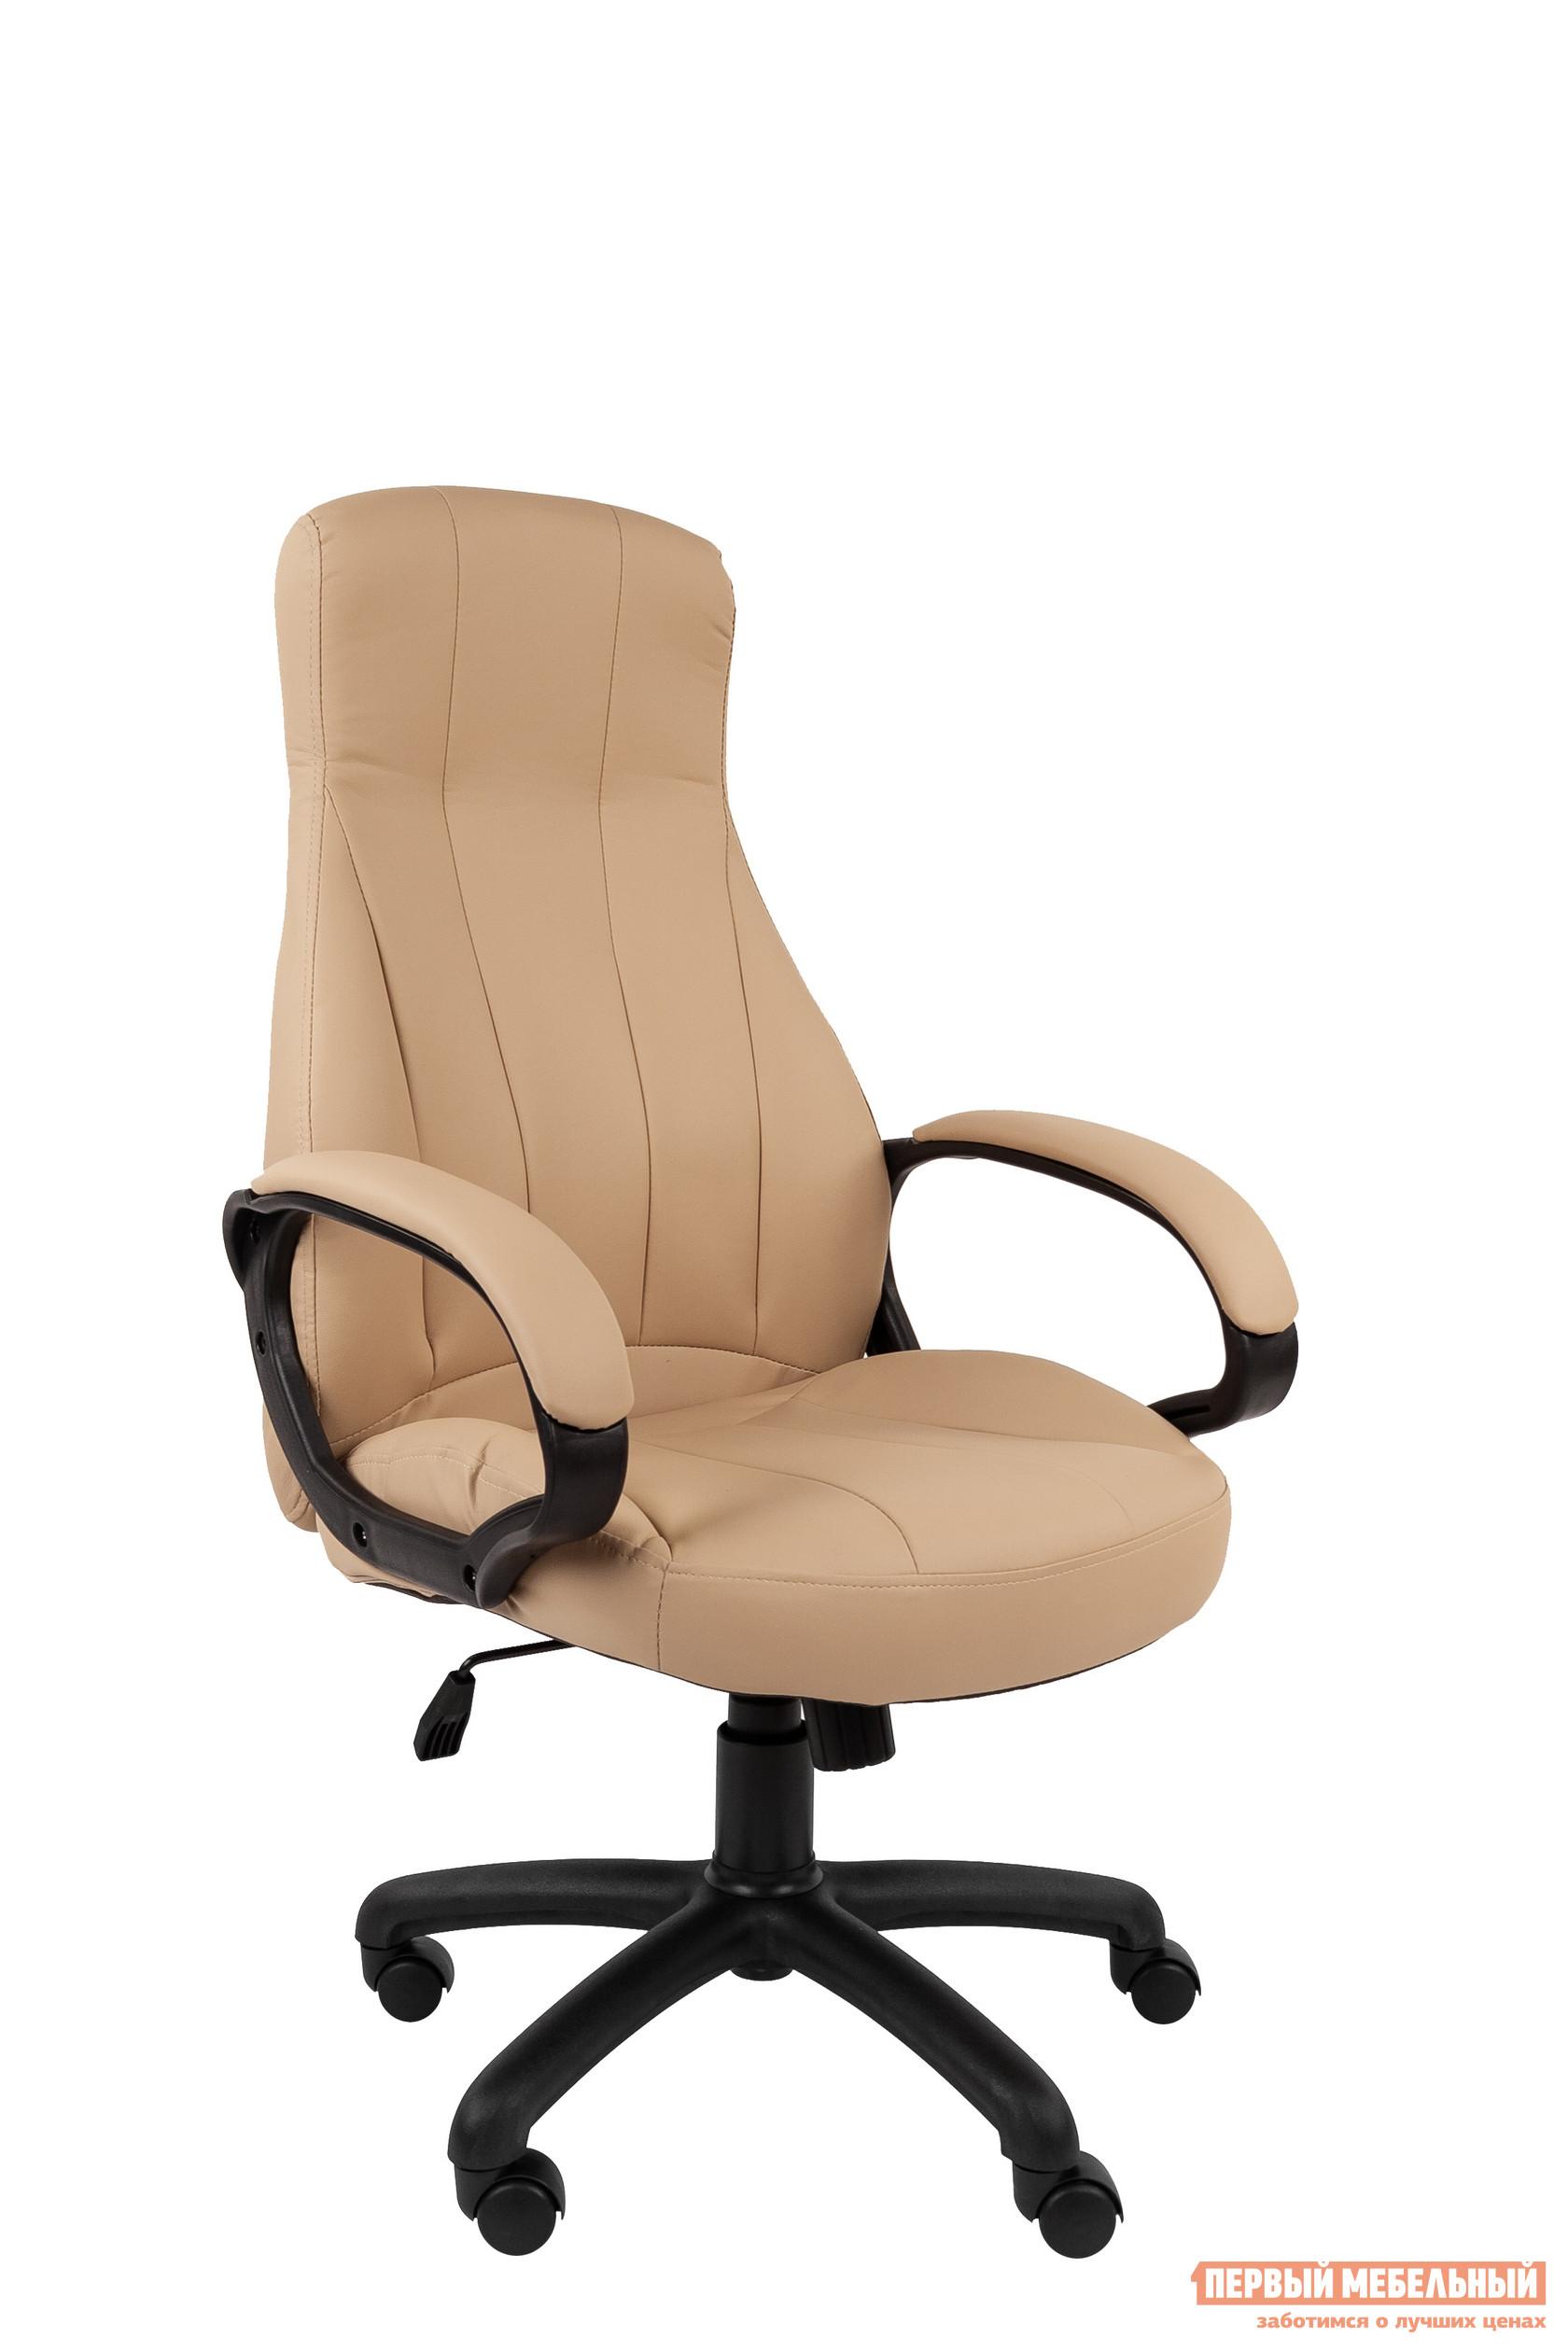 Кресло руководителя Русские кресла РК 190 кресло руководителя русские кресла рк 230 lux